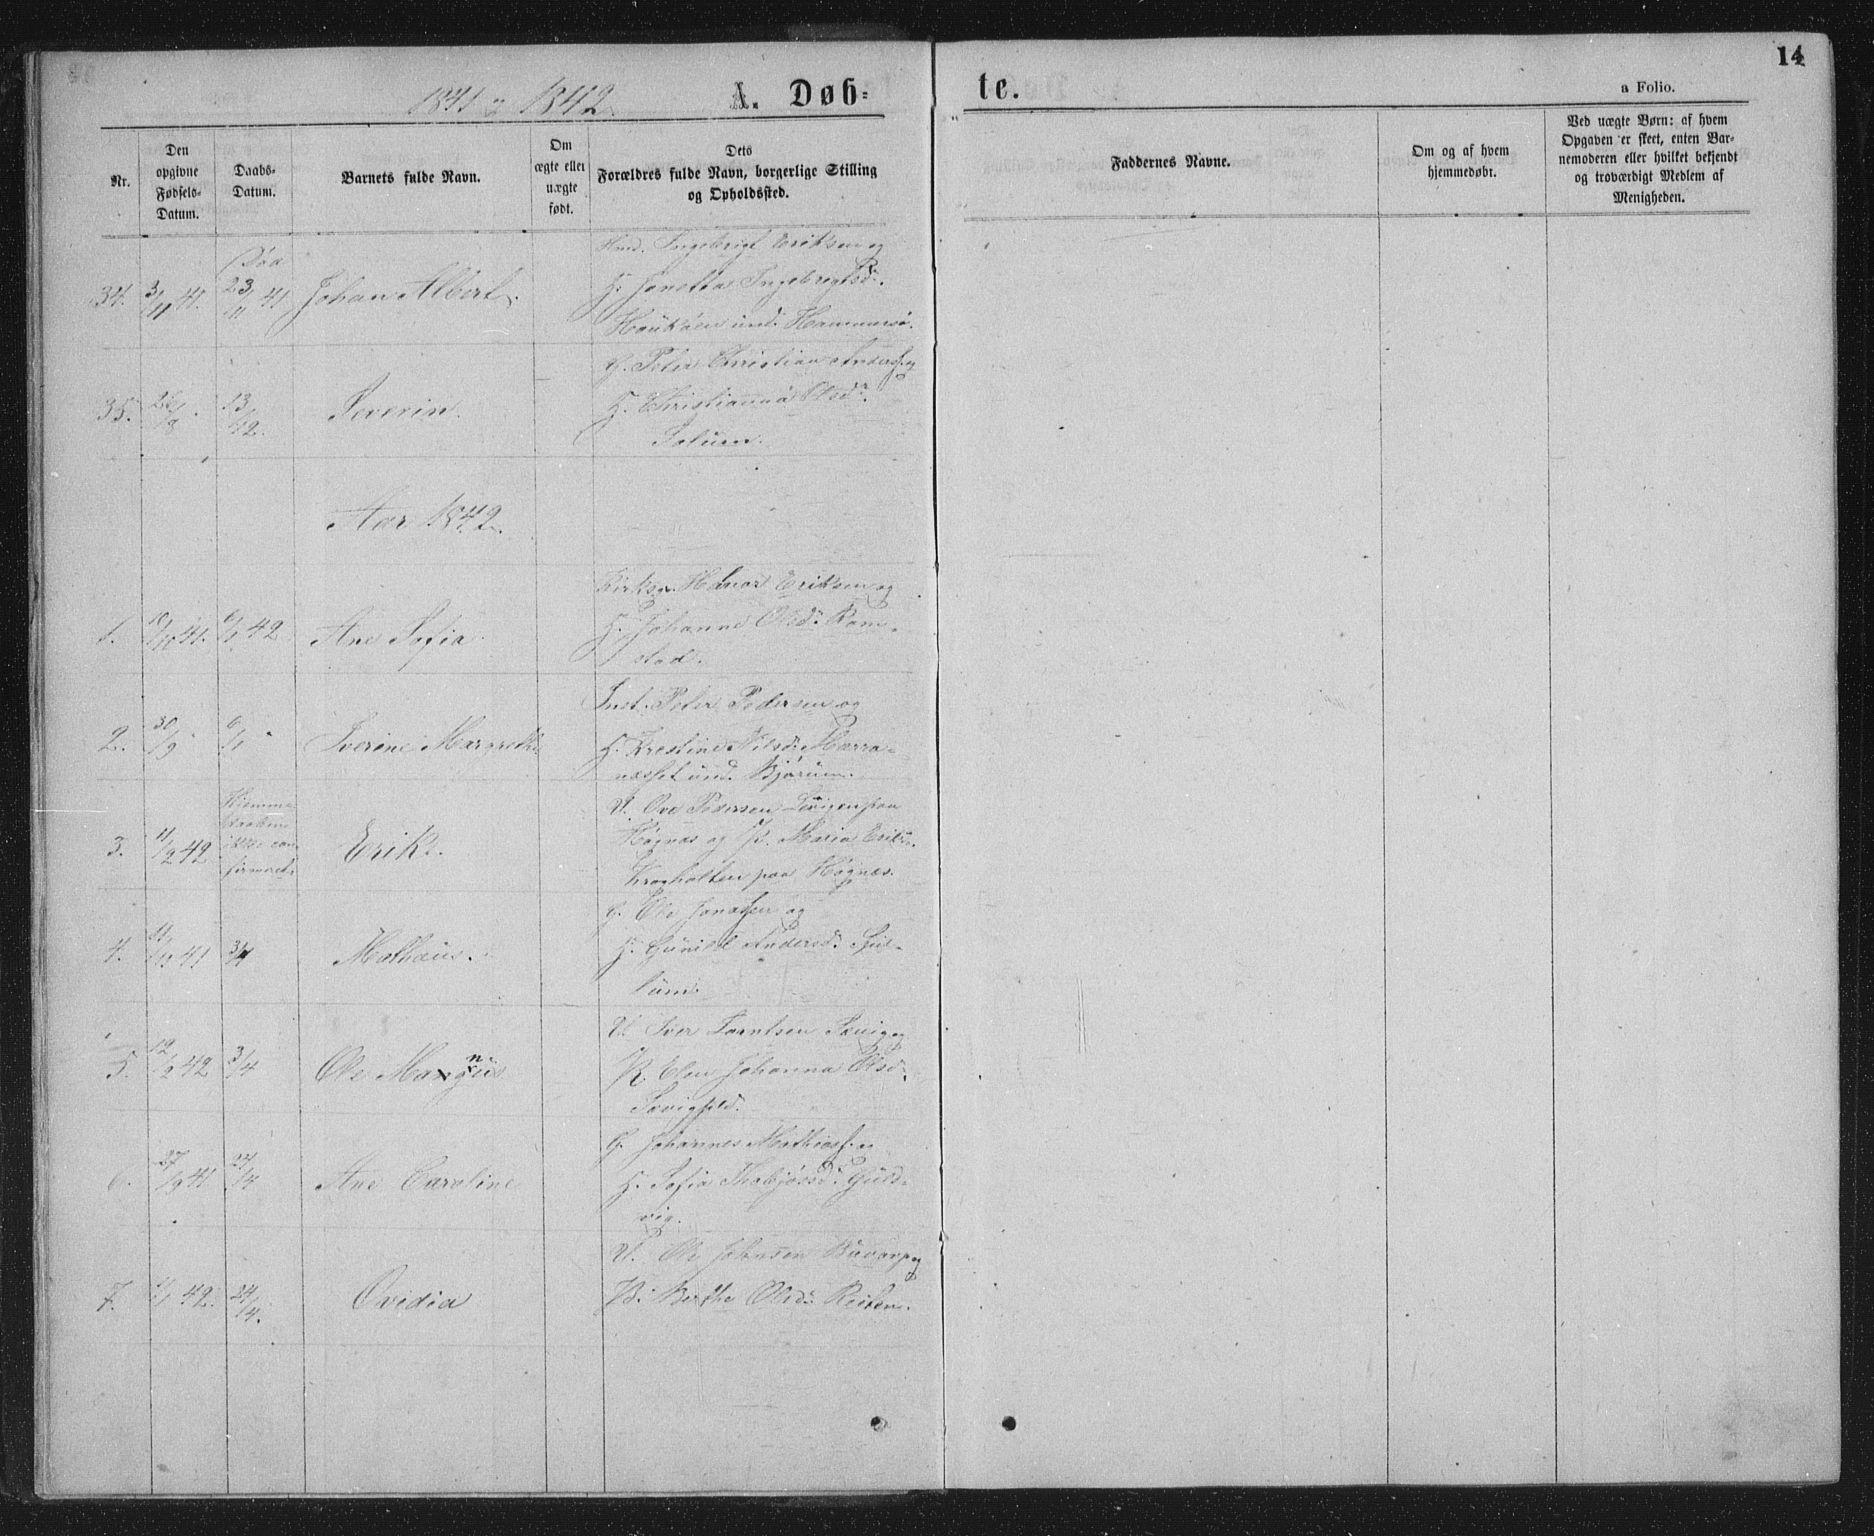 SAT, Ministerialprotokoller, klokkerbøker og fødselsregistre - Nord-Trøndelag, 768/L0566: Ministerialbok nr. 768A01, 1836-1865, s. 14